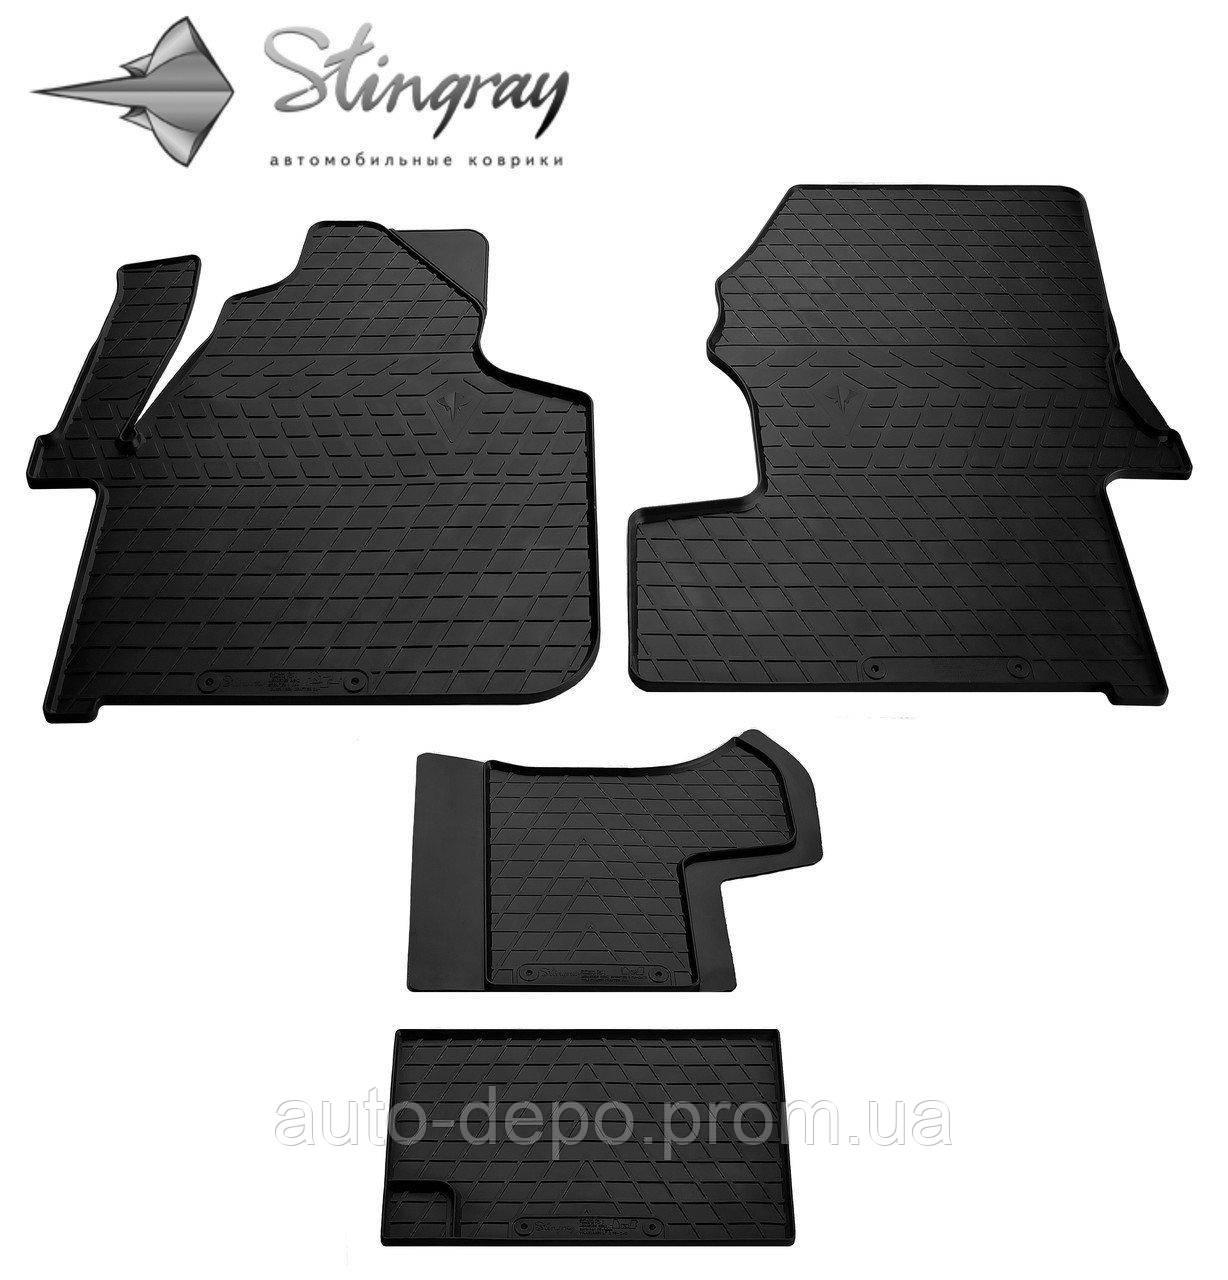 Коврики автомобильные для Volkswagen Crafter (1+1) 2006- Stingray